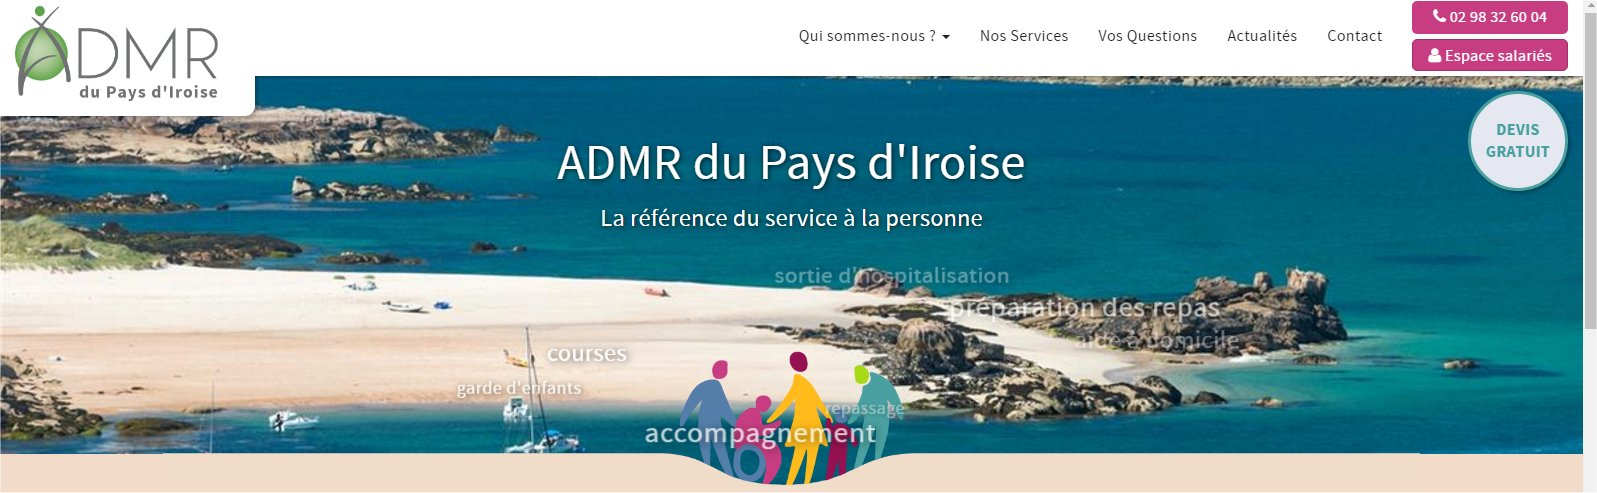 Le nouveau site de l'ADMR du pays d'Iroise est en ligne !